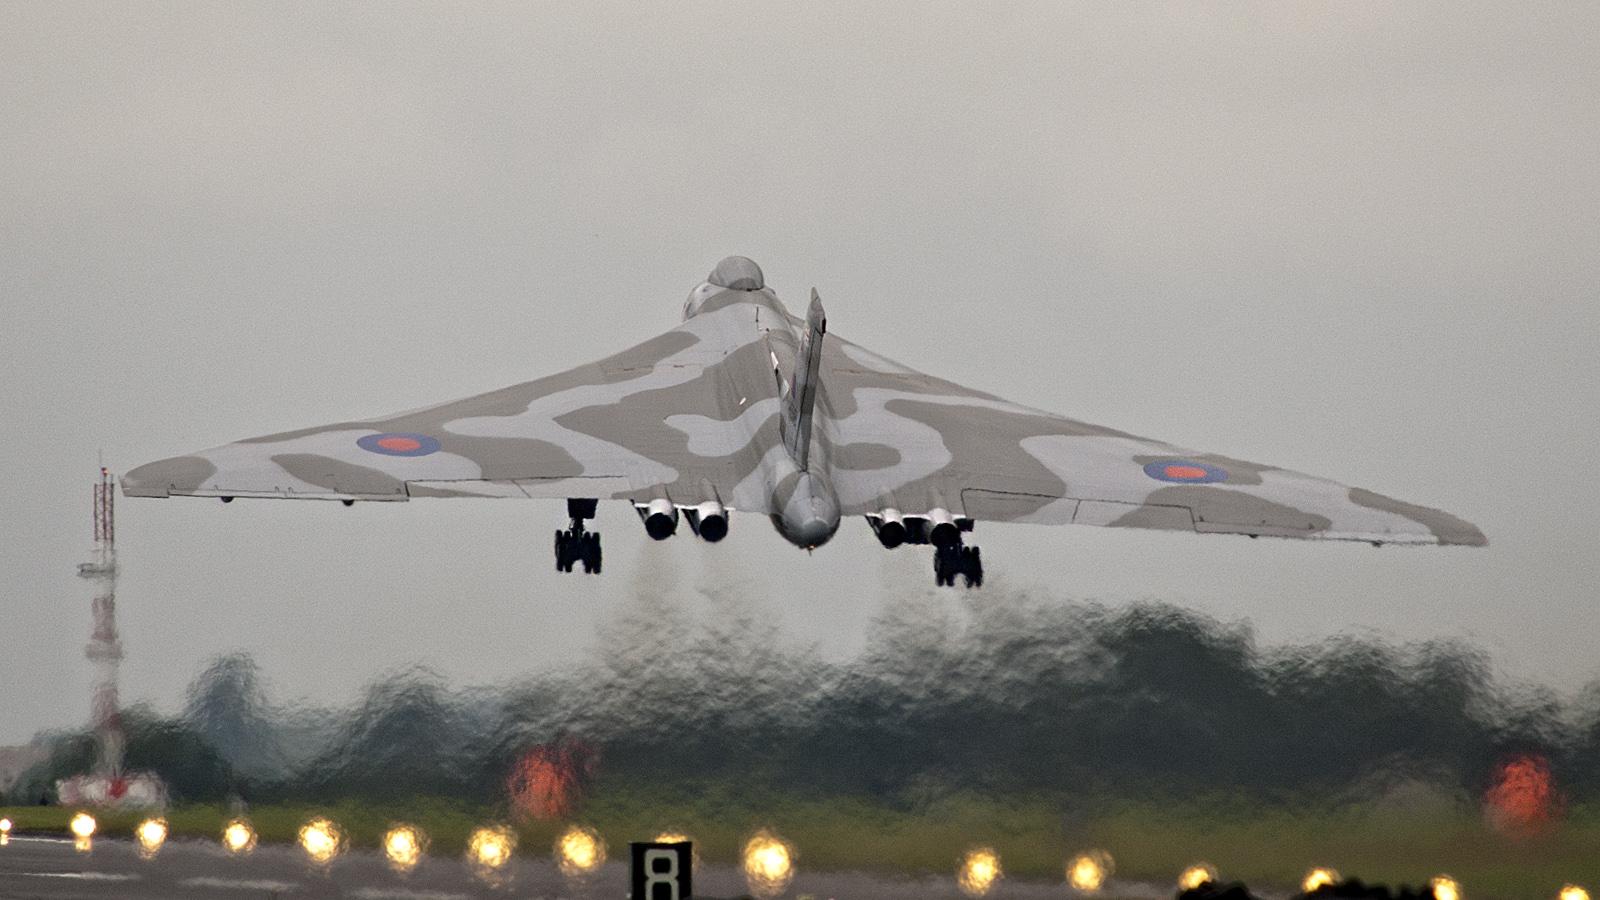 Para quem gosta de aviões - Página 4 IMGP6806-Avro-698-Vulcan-B2-XH558-RAF